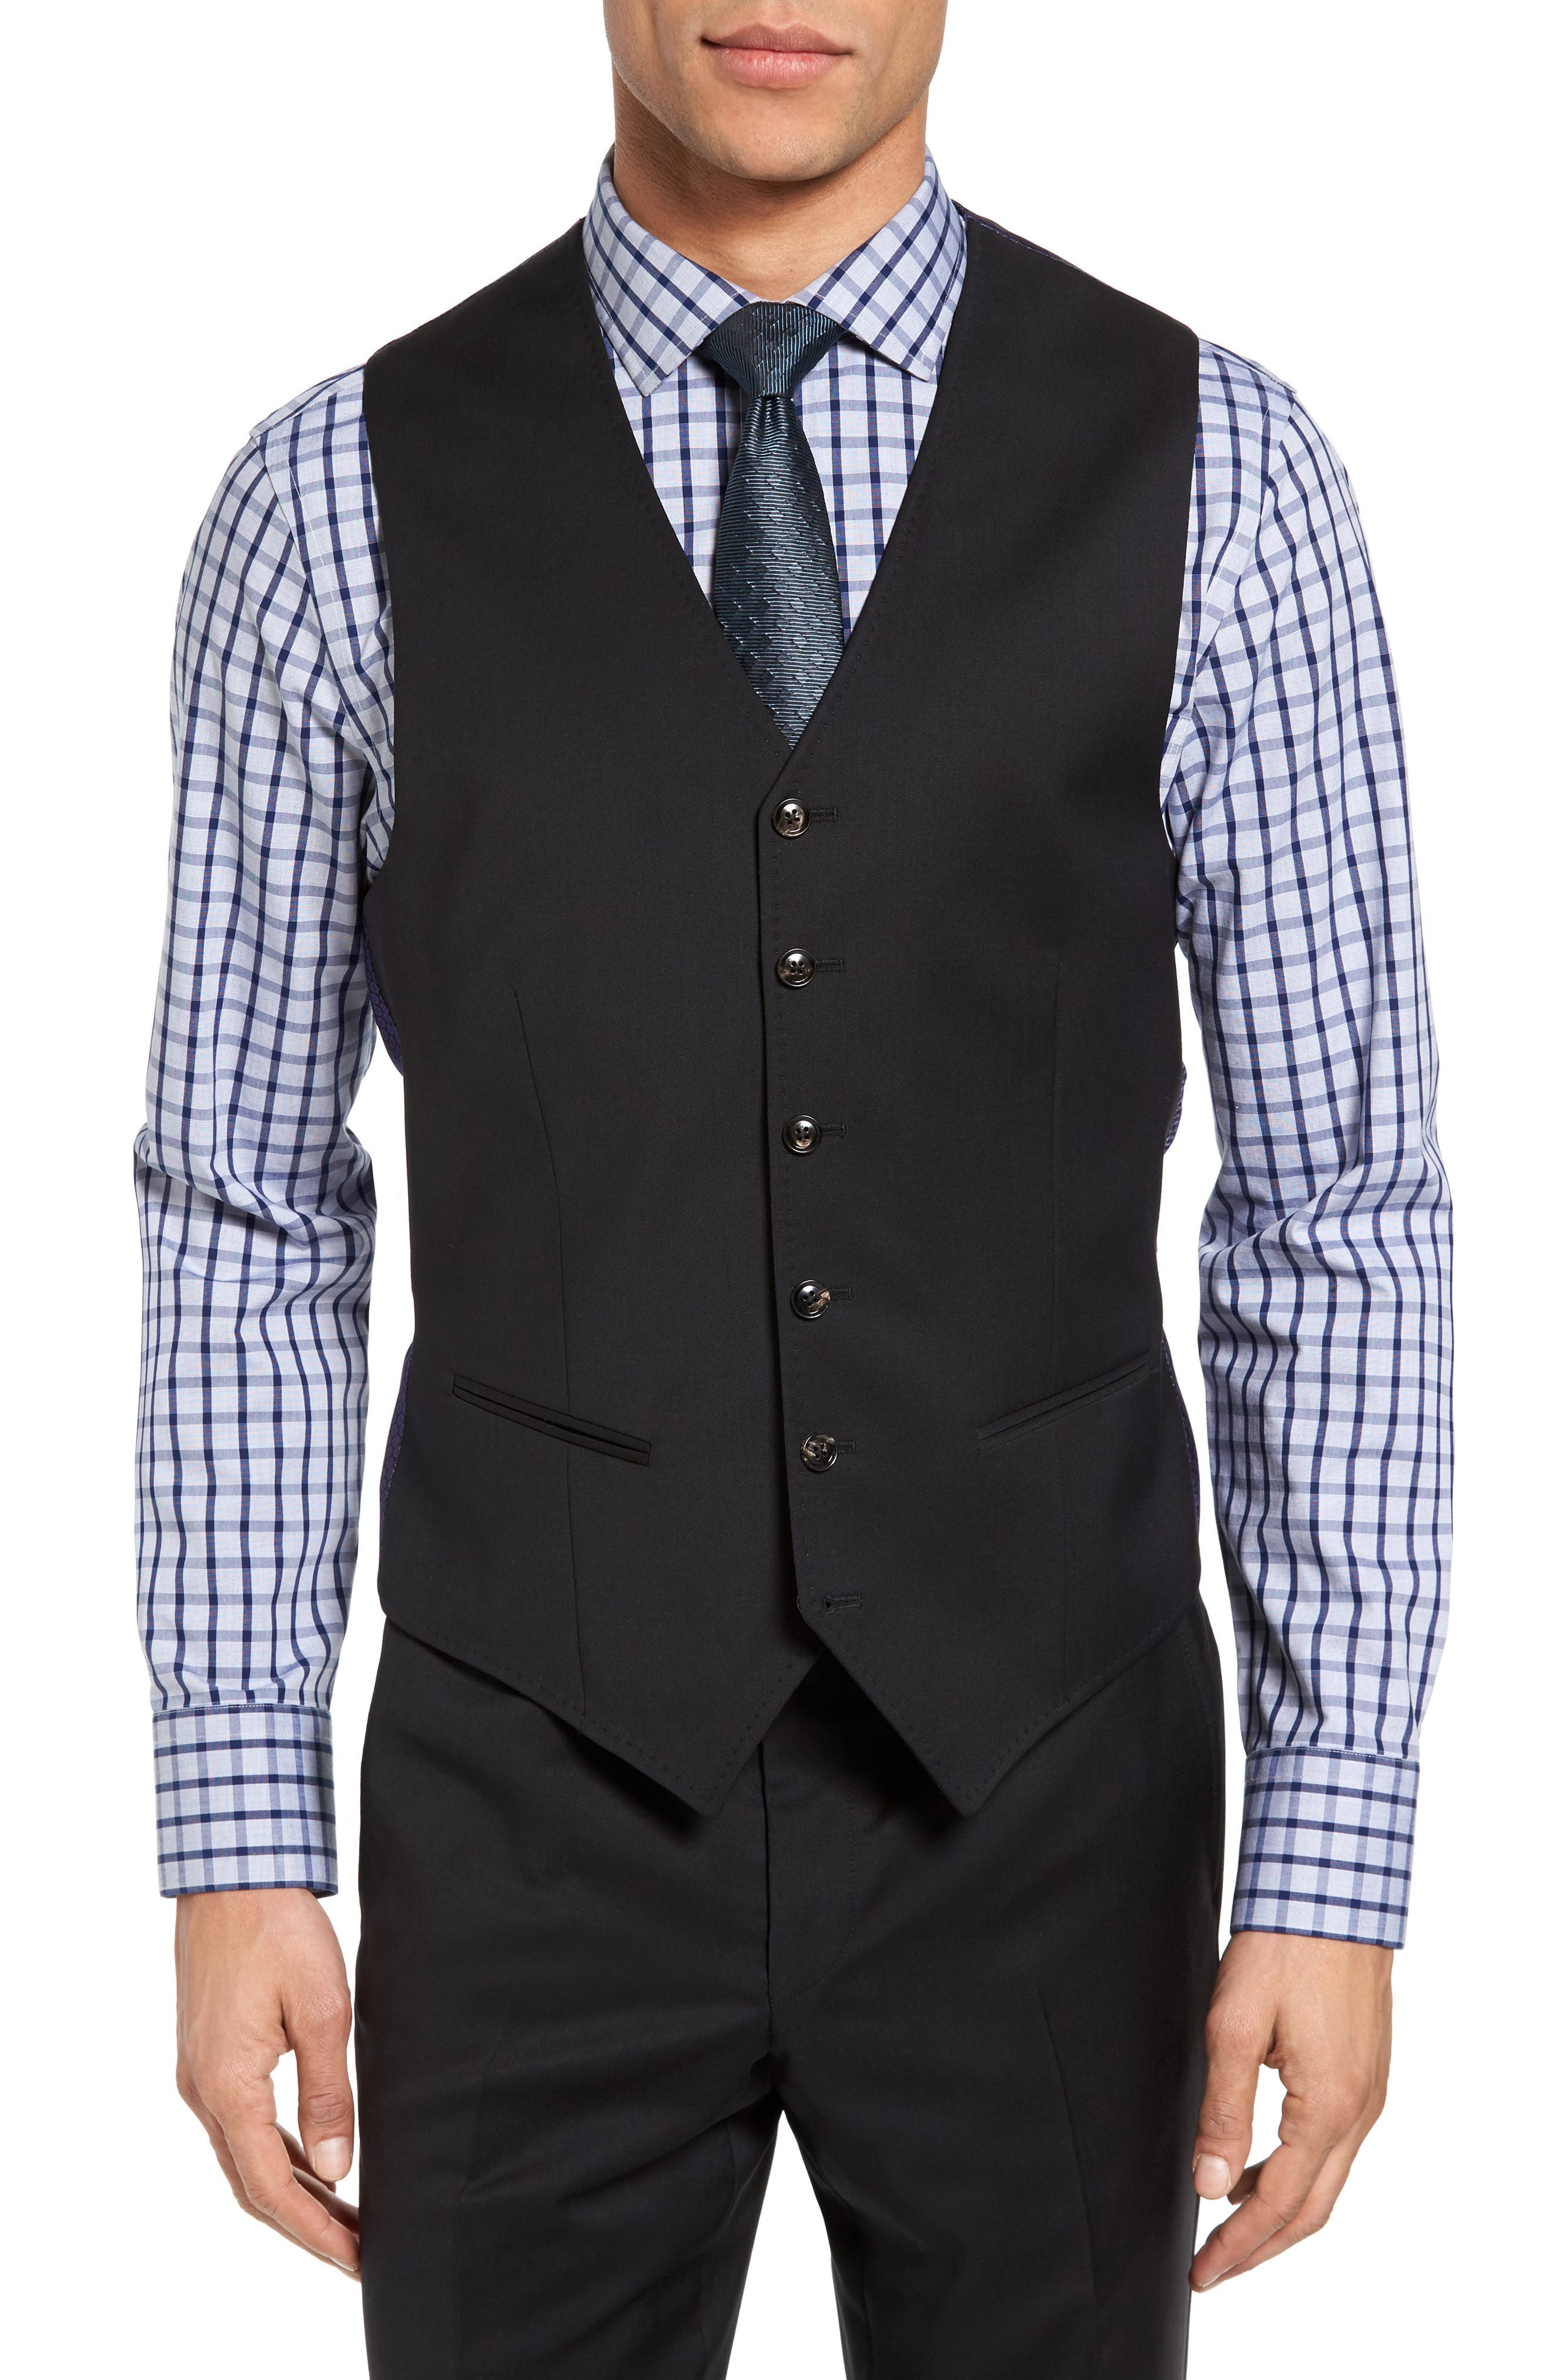 Jones Trim Fit Wool Vest,                             Main thumbnail 1, color,                             001